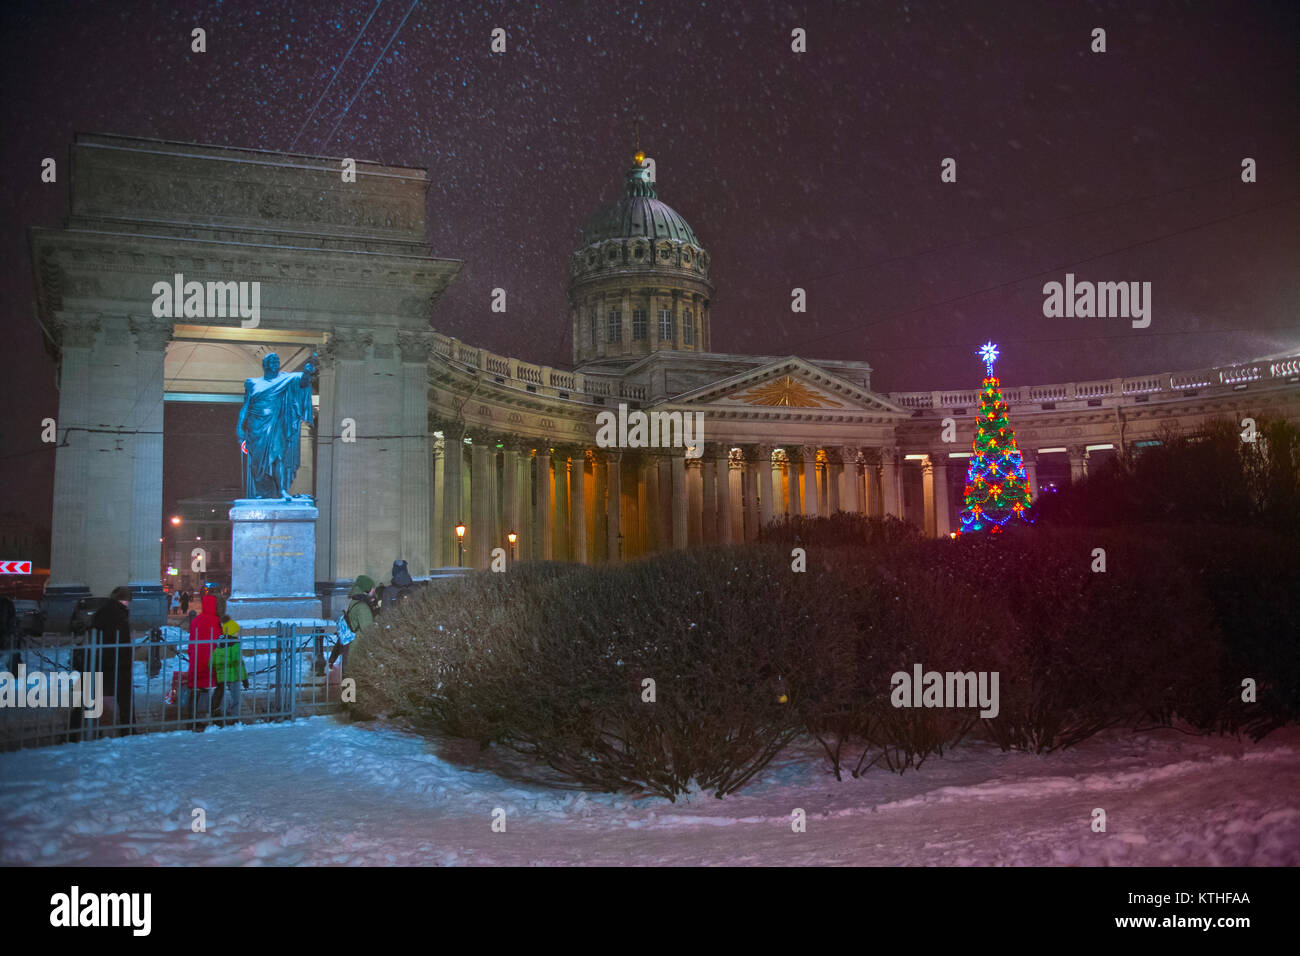 Festliche Beleuchtung des neuen Jahres in St. Petersburg, Russland Stockbild